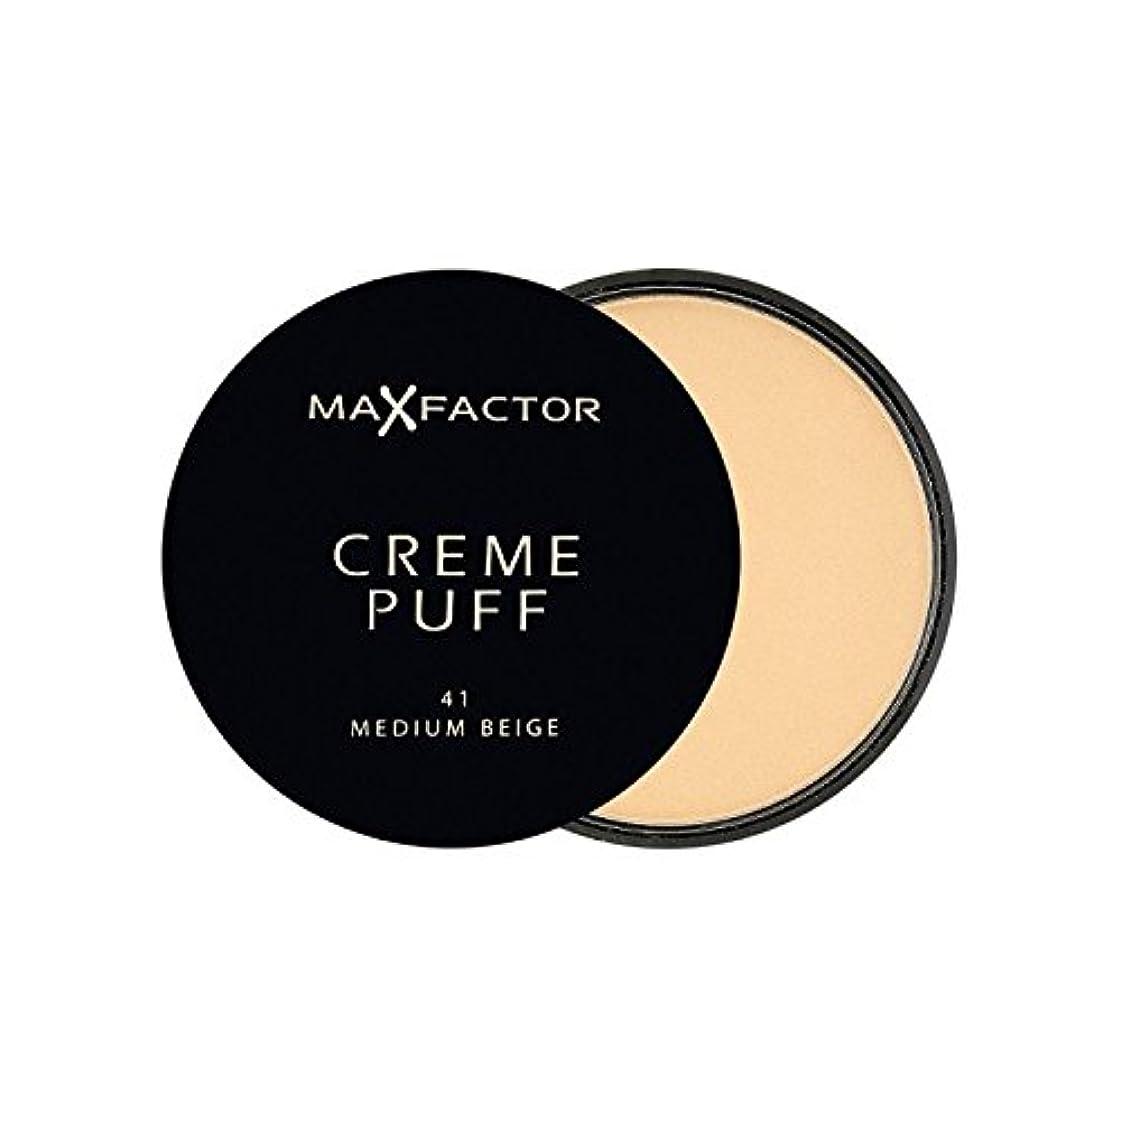 ヤギすべきチップマックスファクタークリームパフ粉末コンパクト媒体ベージュ41 x2 - Max Factor Creme Puff Powder Compact Medium Beige 41 (Pack of 2) [並行輸入品]